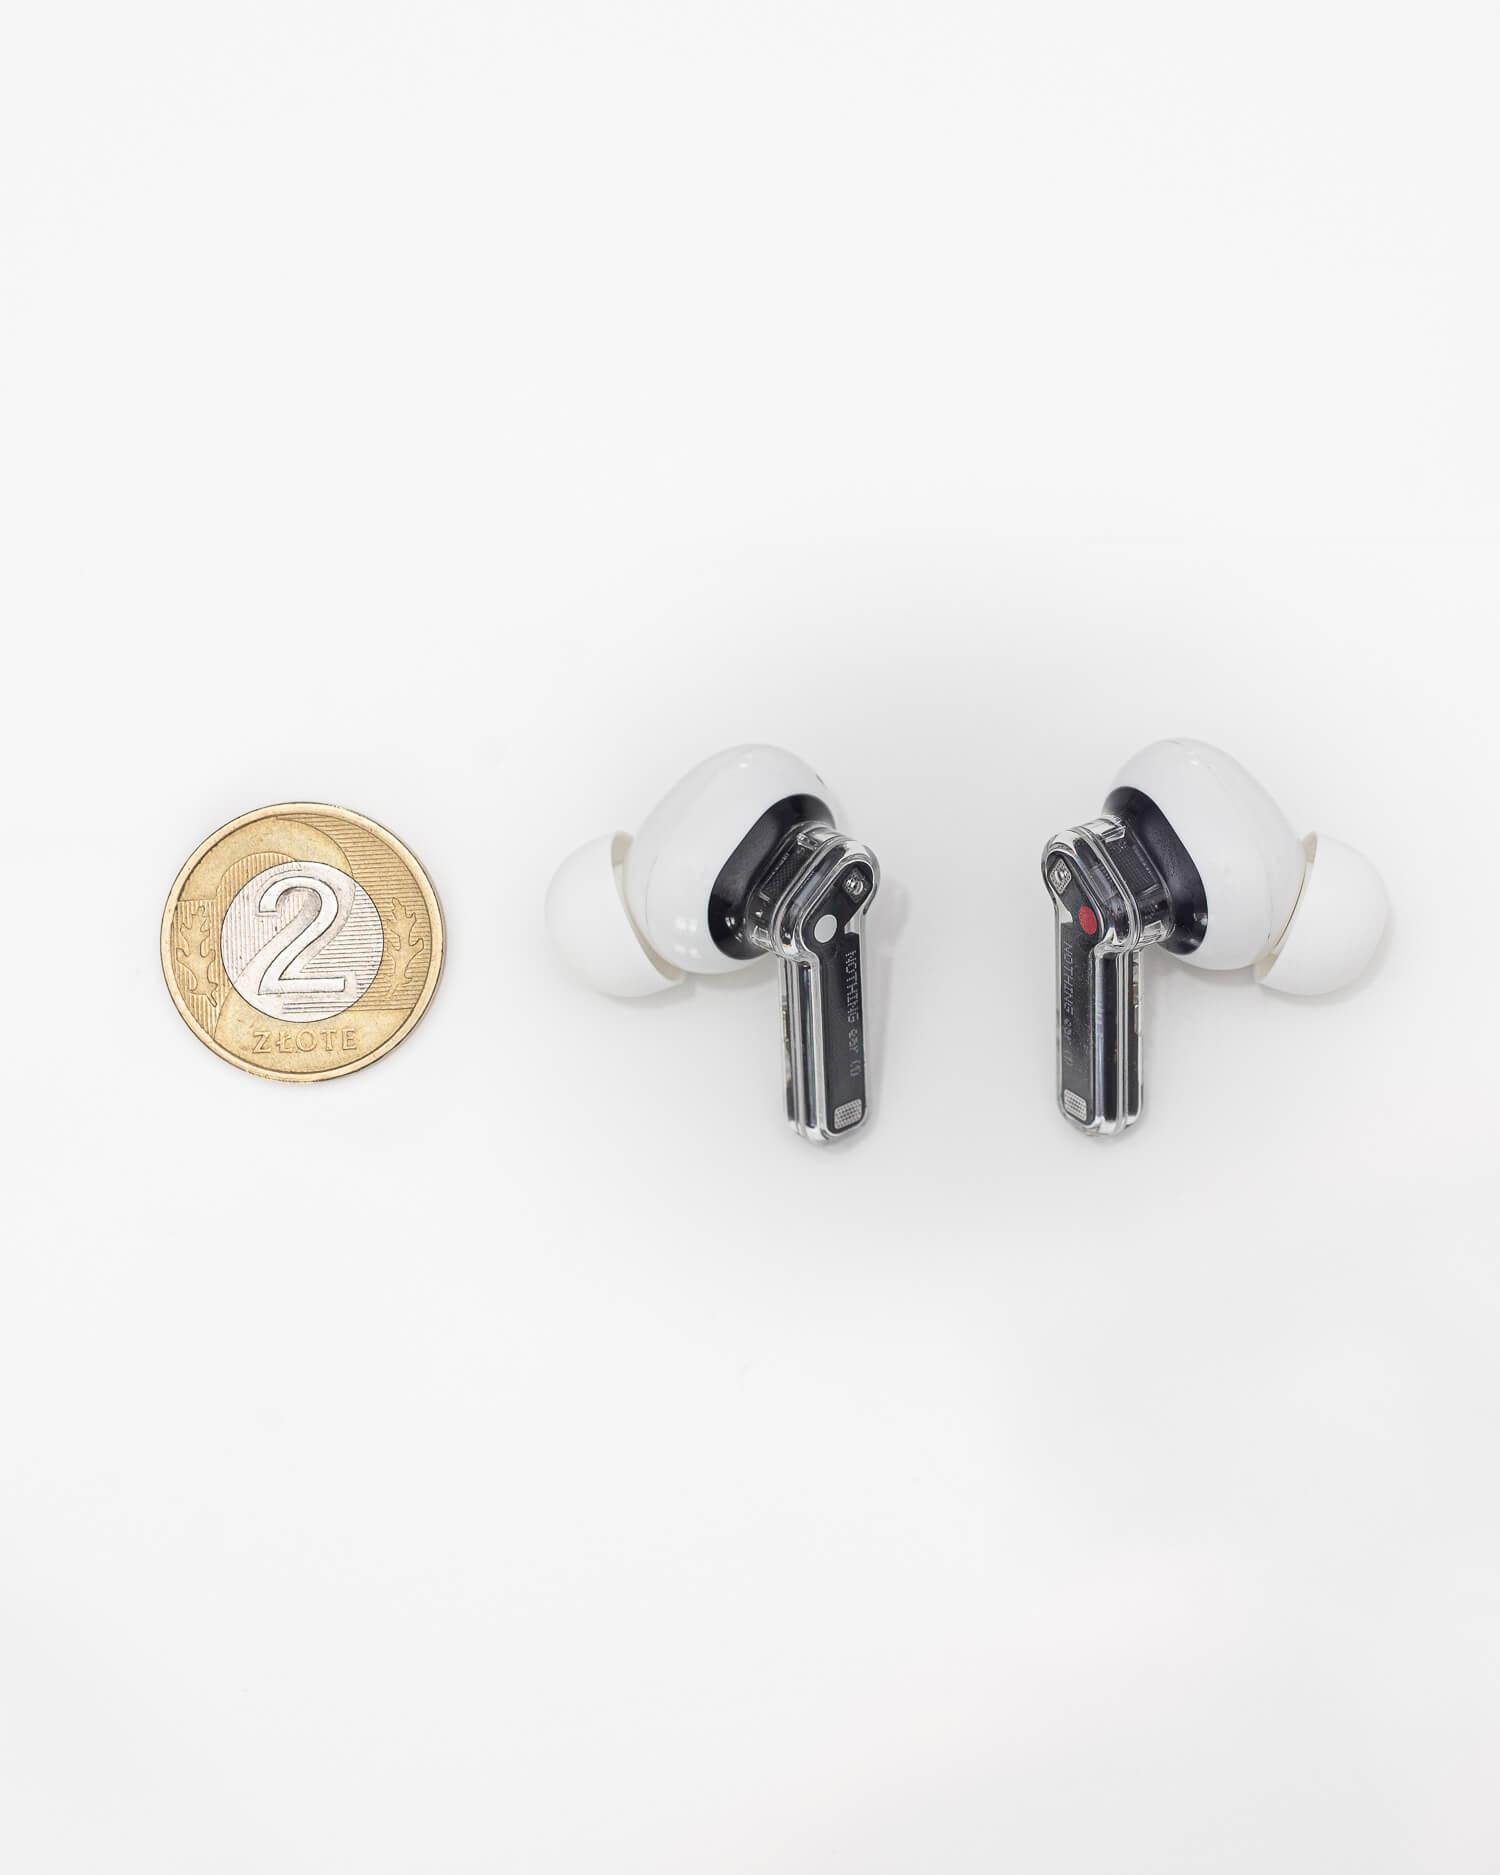 Rozmiar słuchawek nothing ear (1)